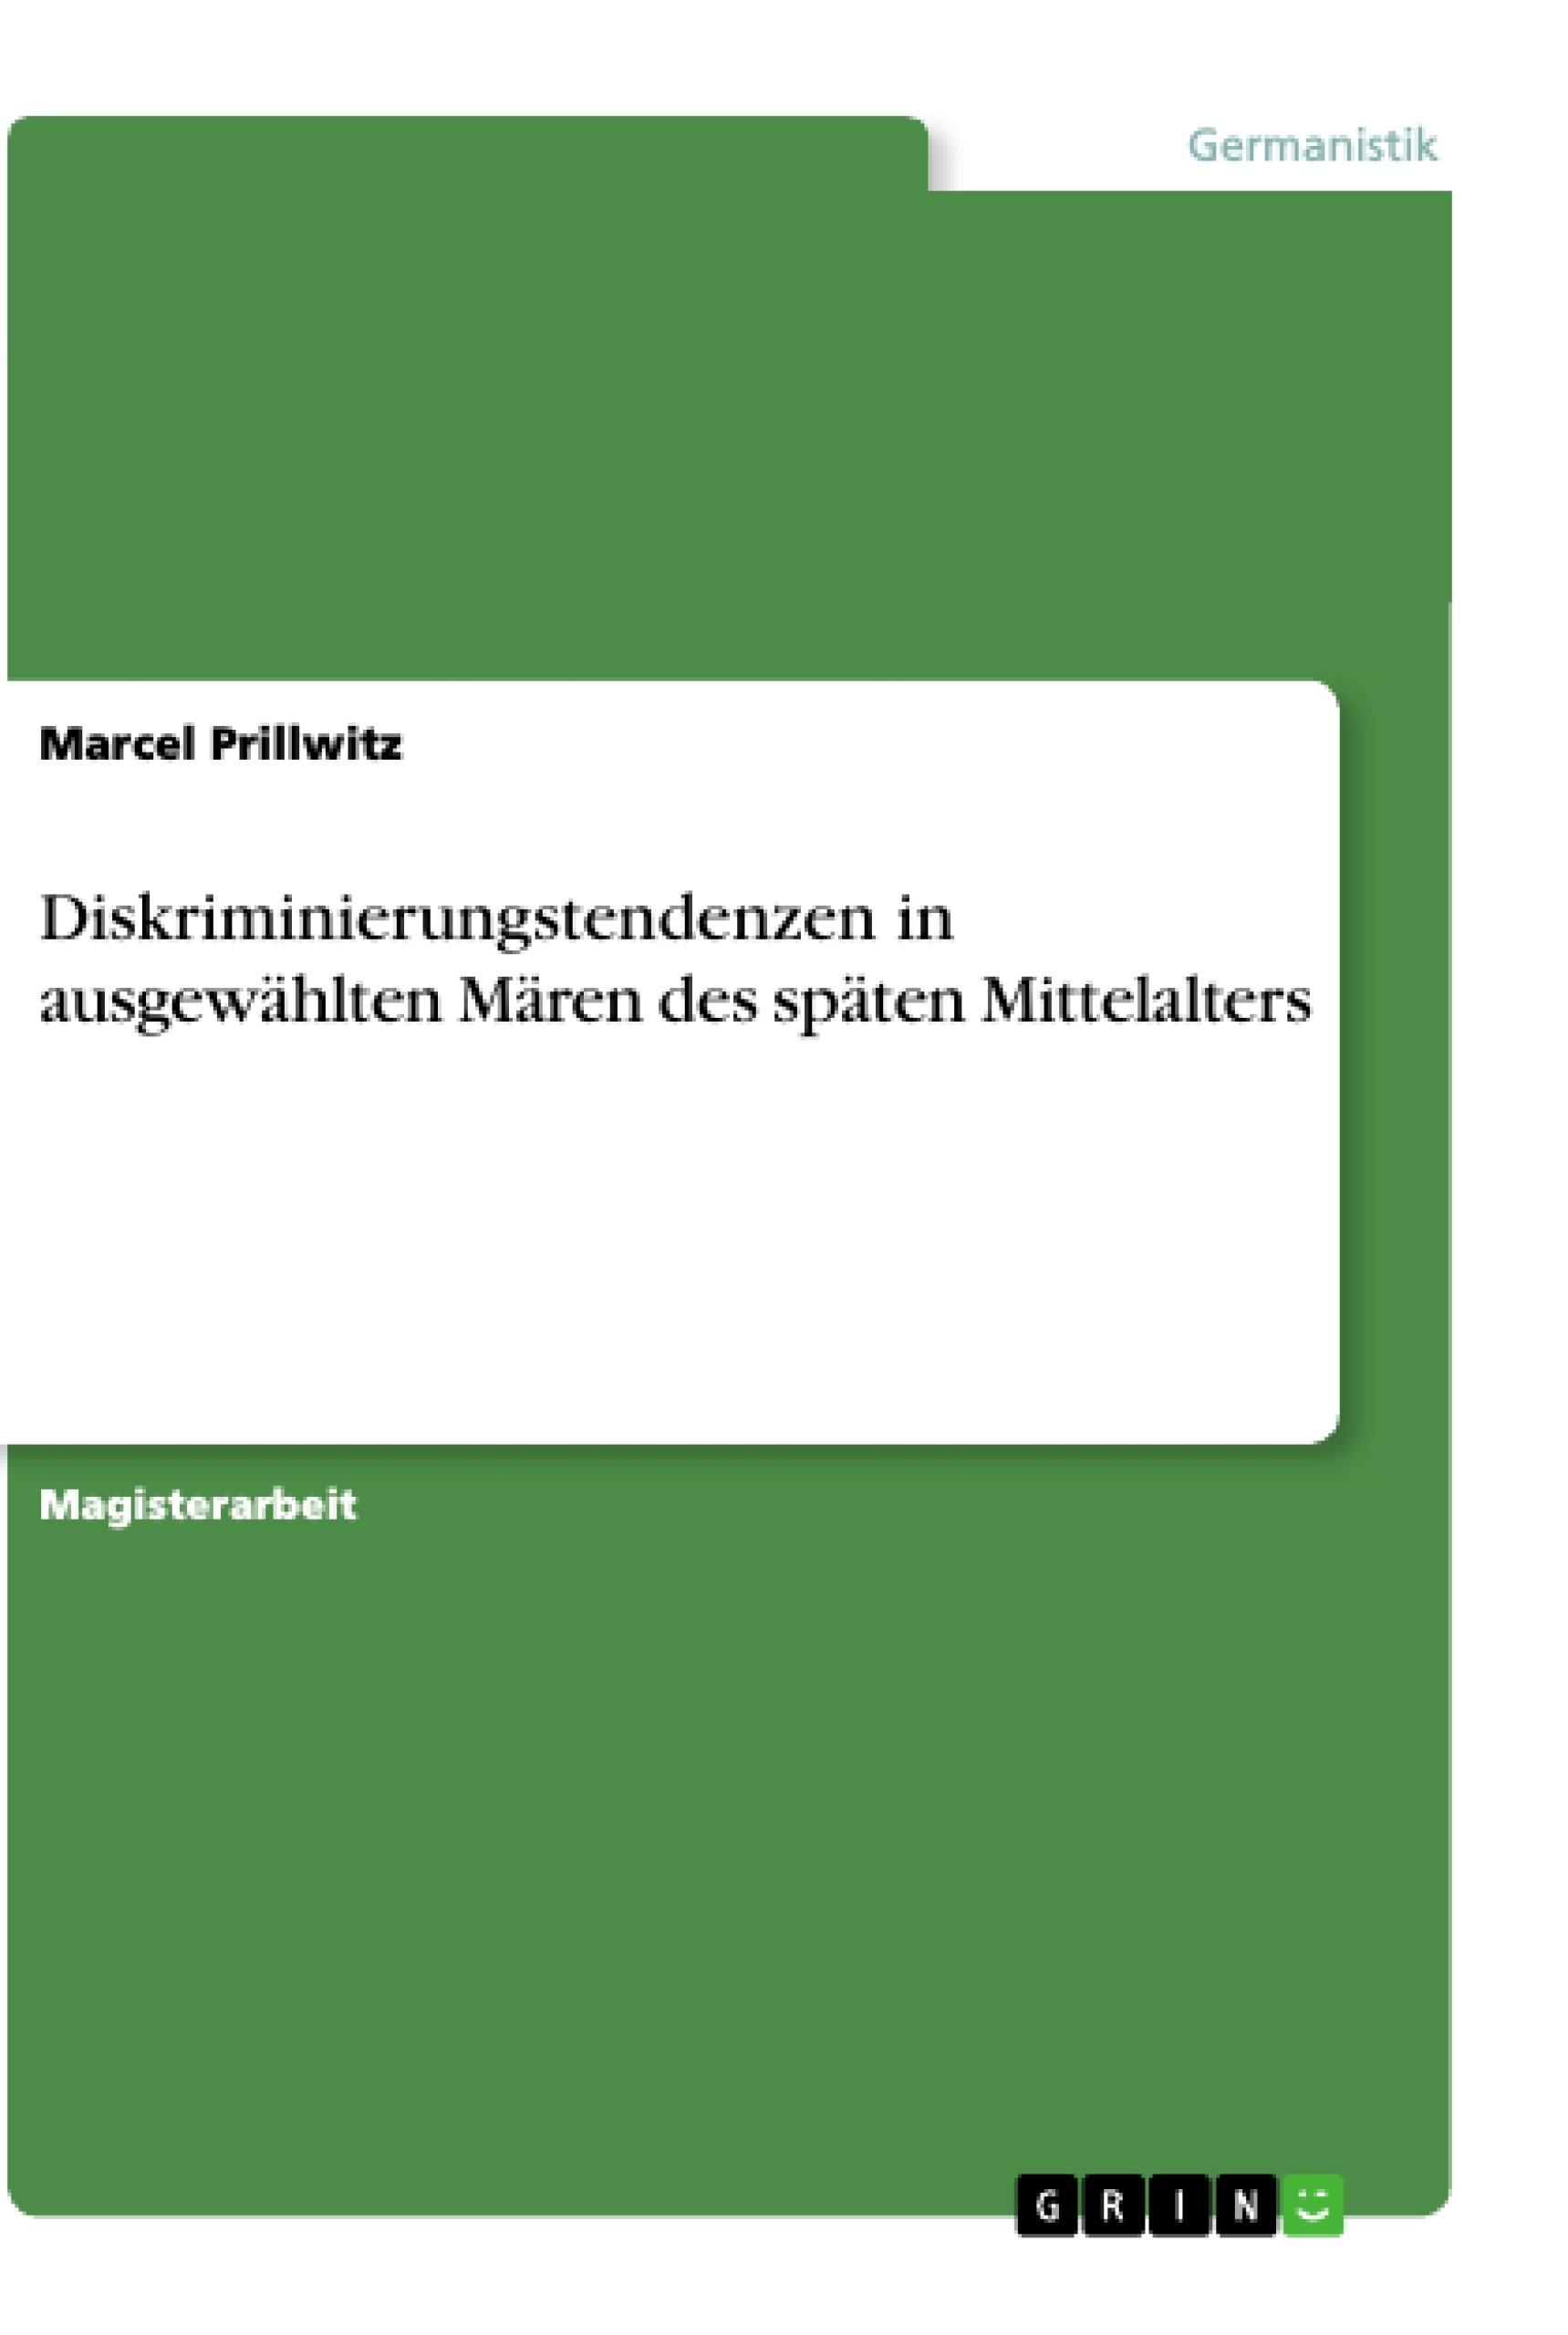 Titel: Diskriminierungstendenzen in ausgewählten Mären des späten Mittelalters